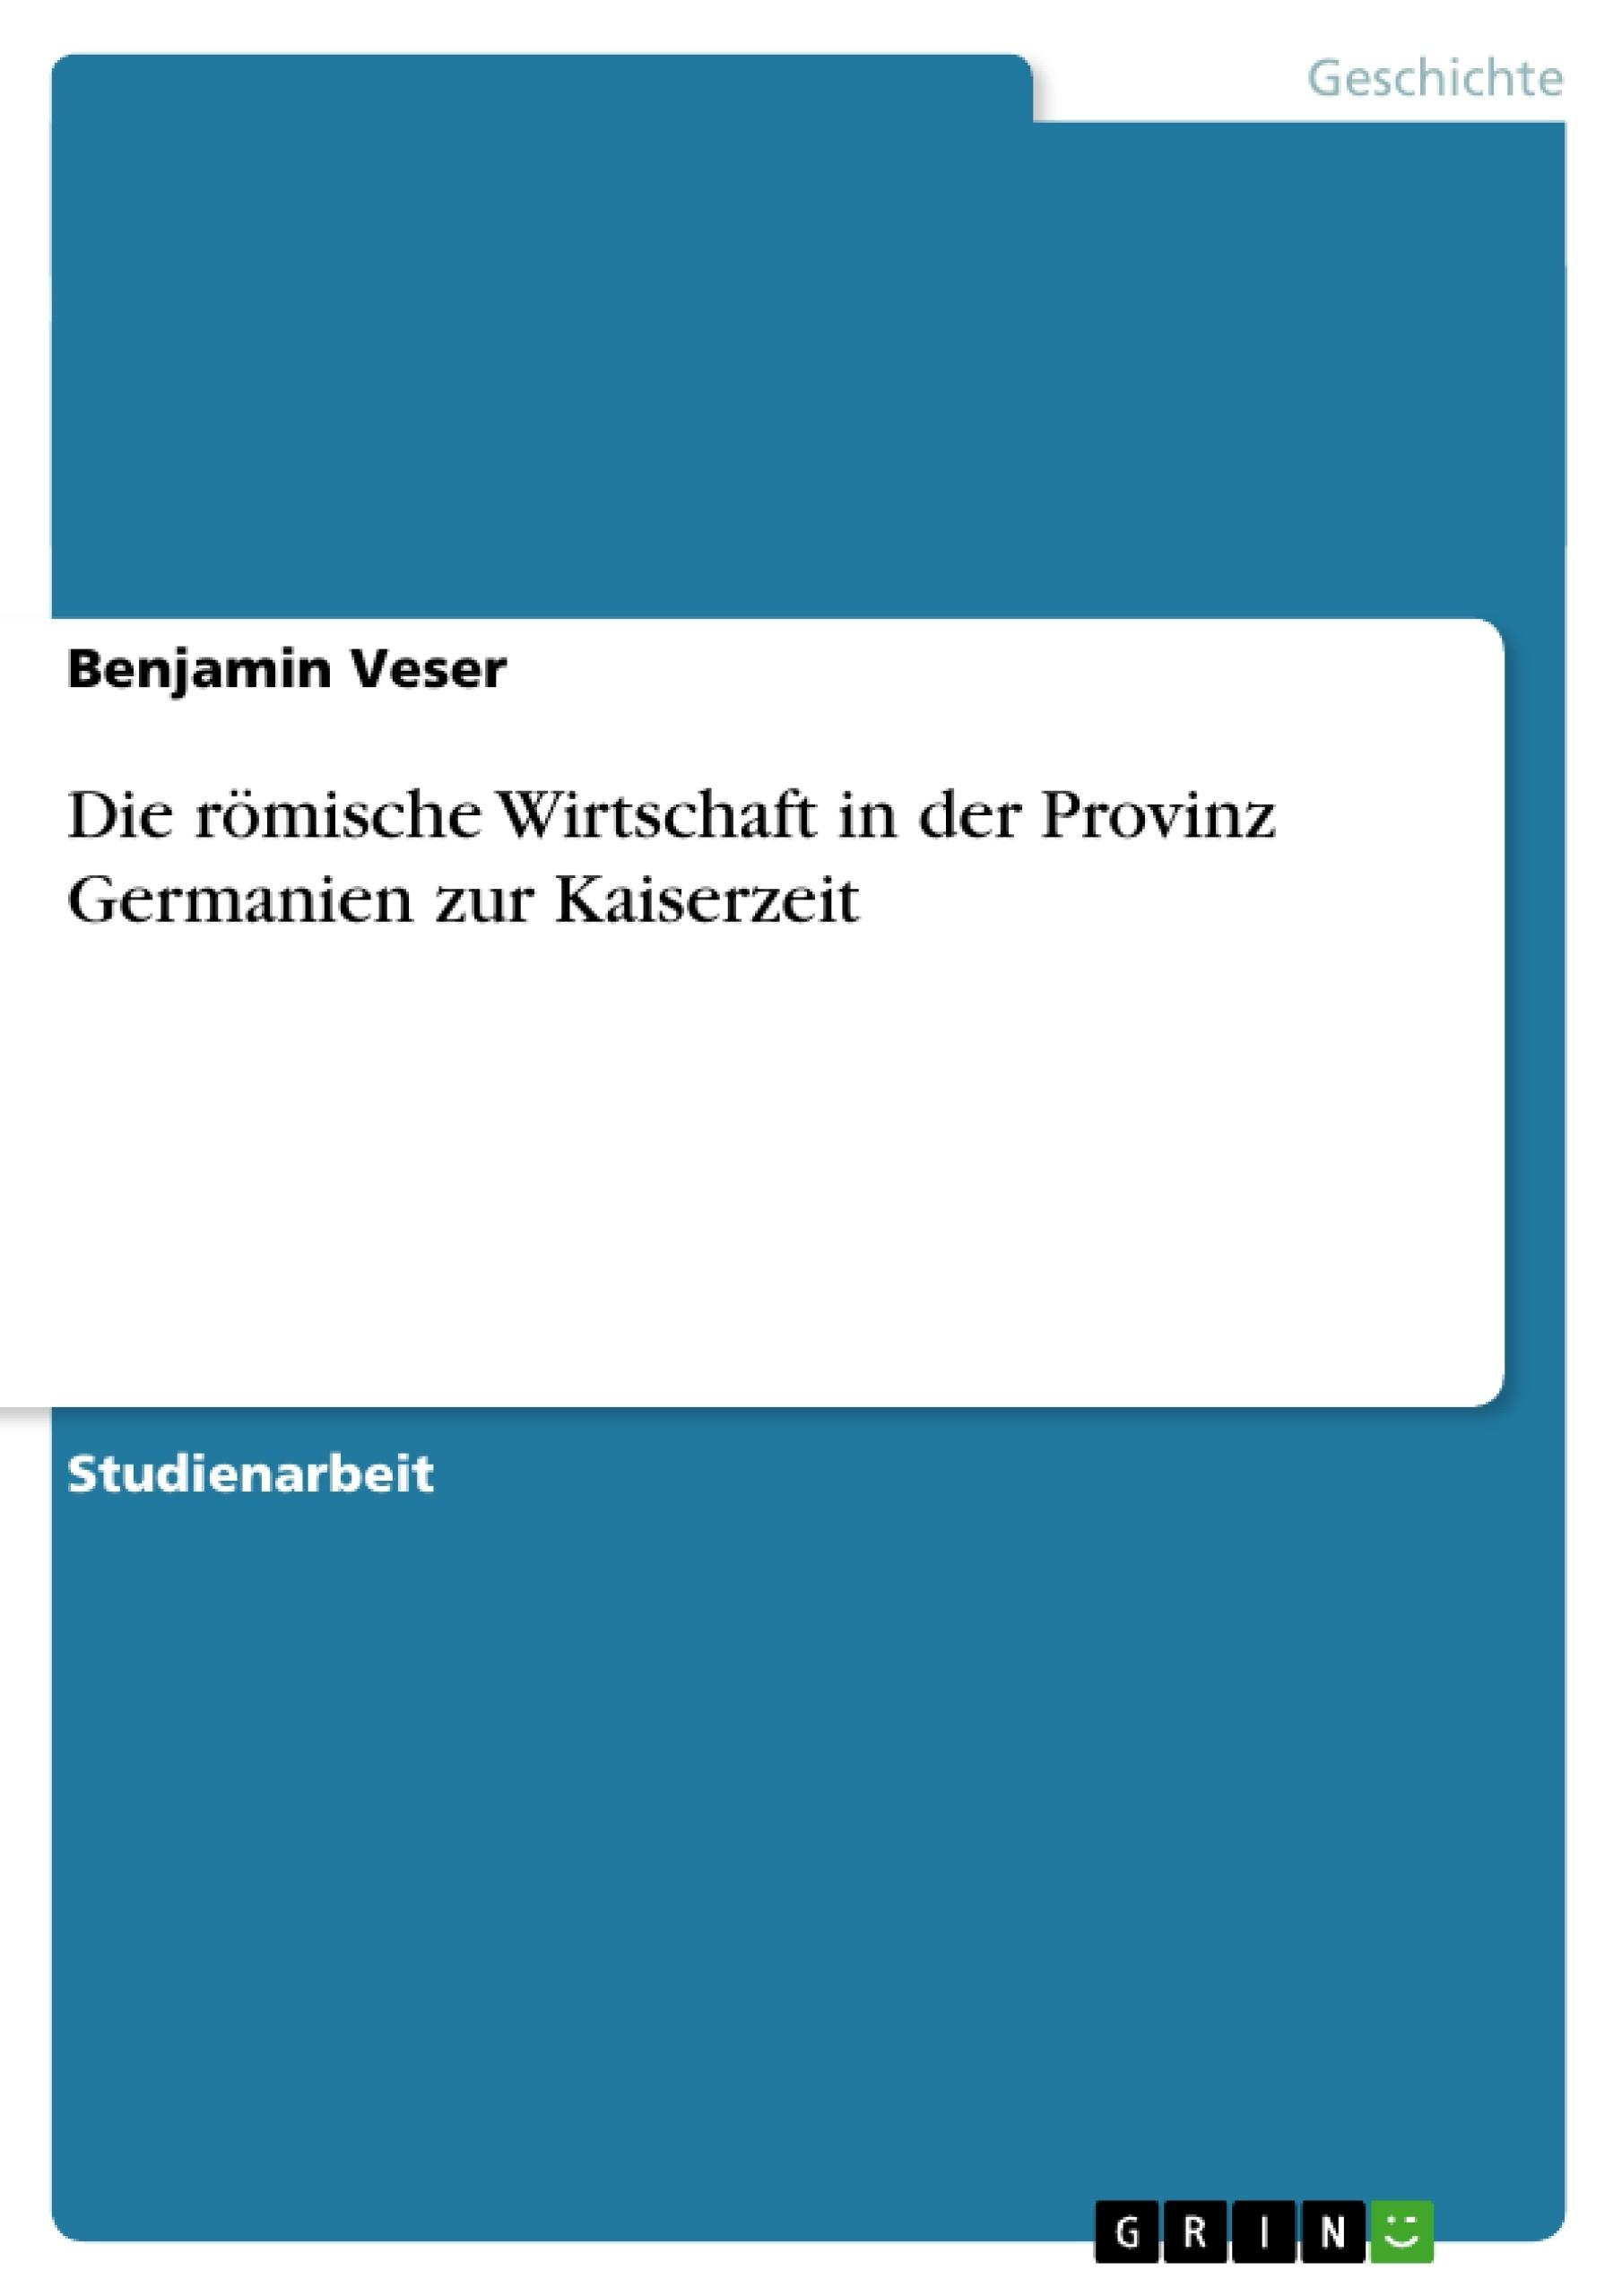 Titel: Die römische Wirtschaft in der Provinz Germanien zur Kaiserzeit